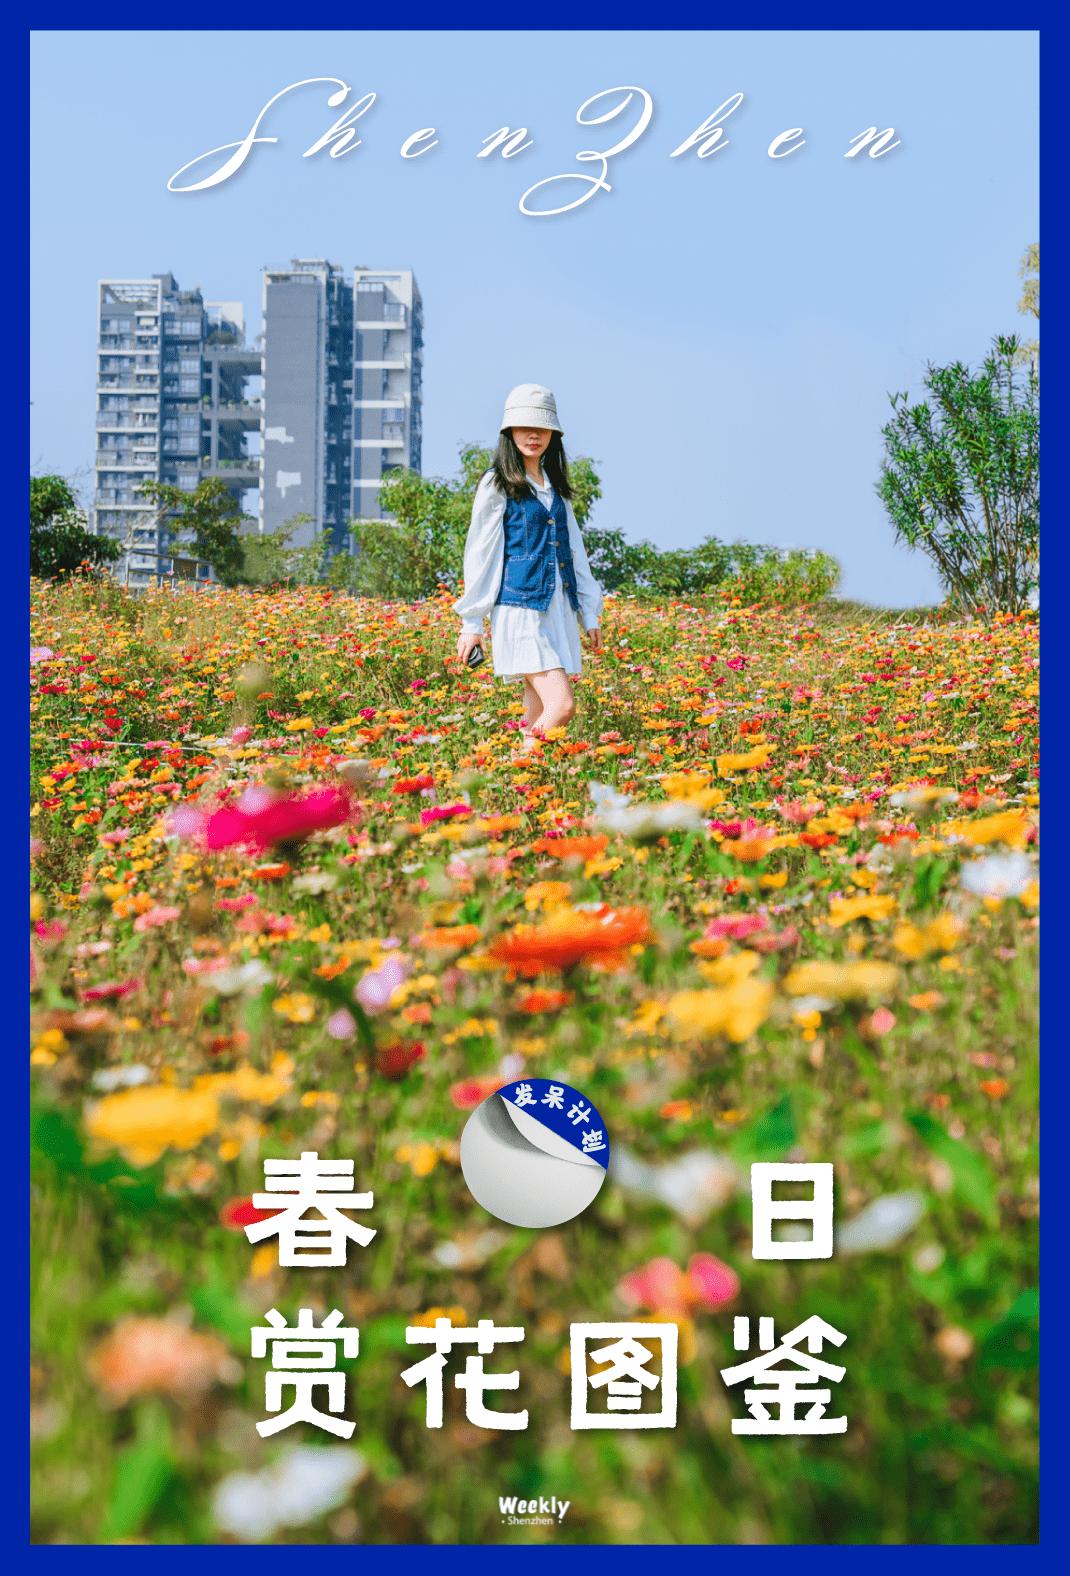 深圳「宫崎骏花园」,限时开放